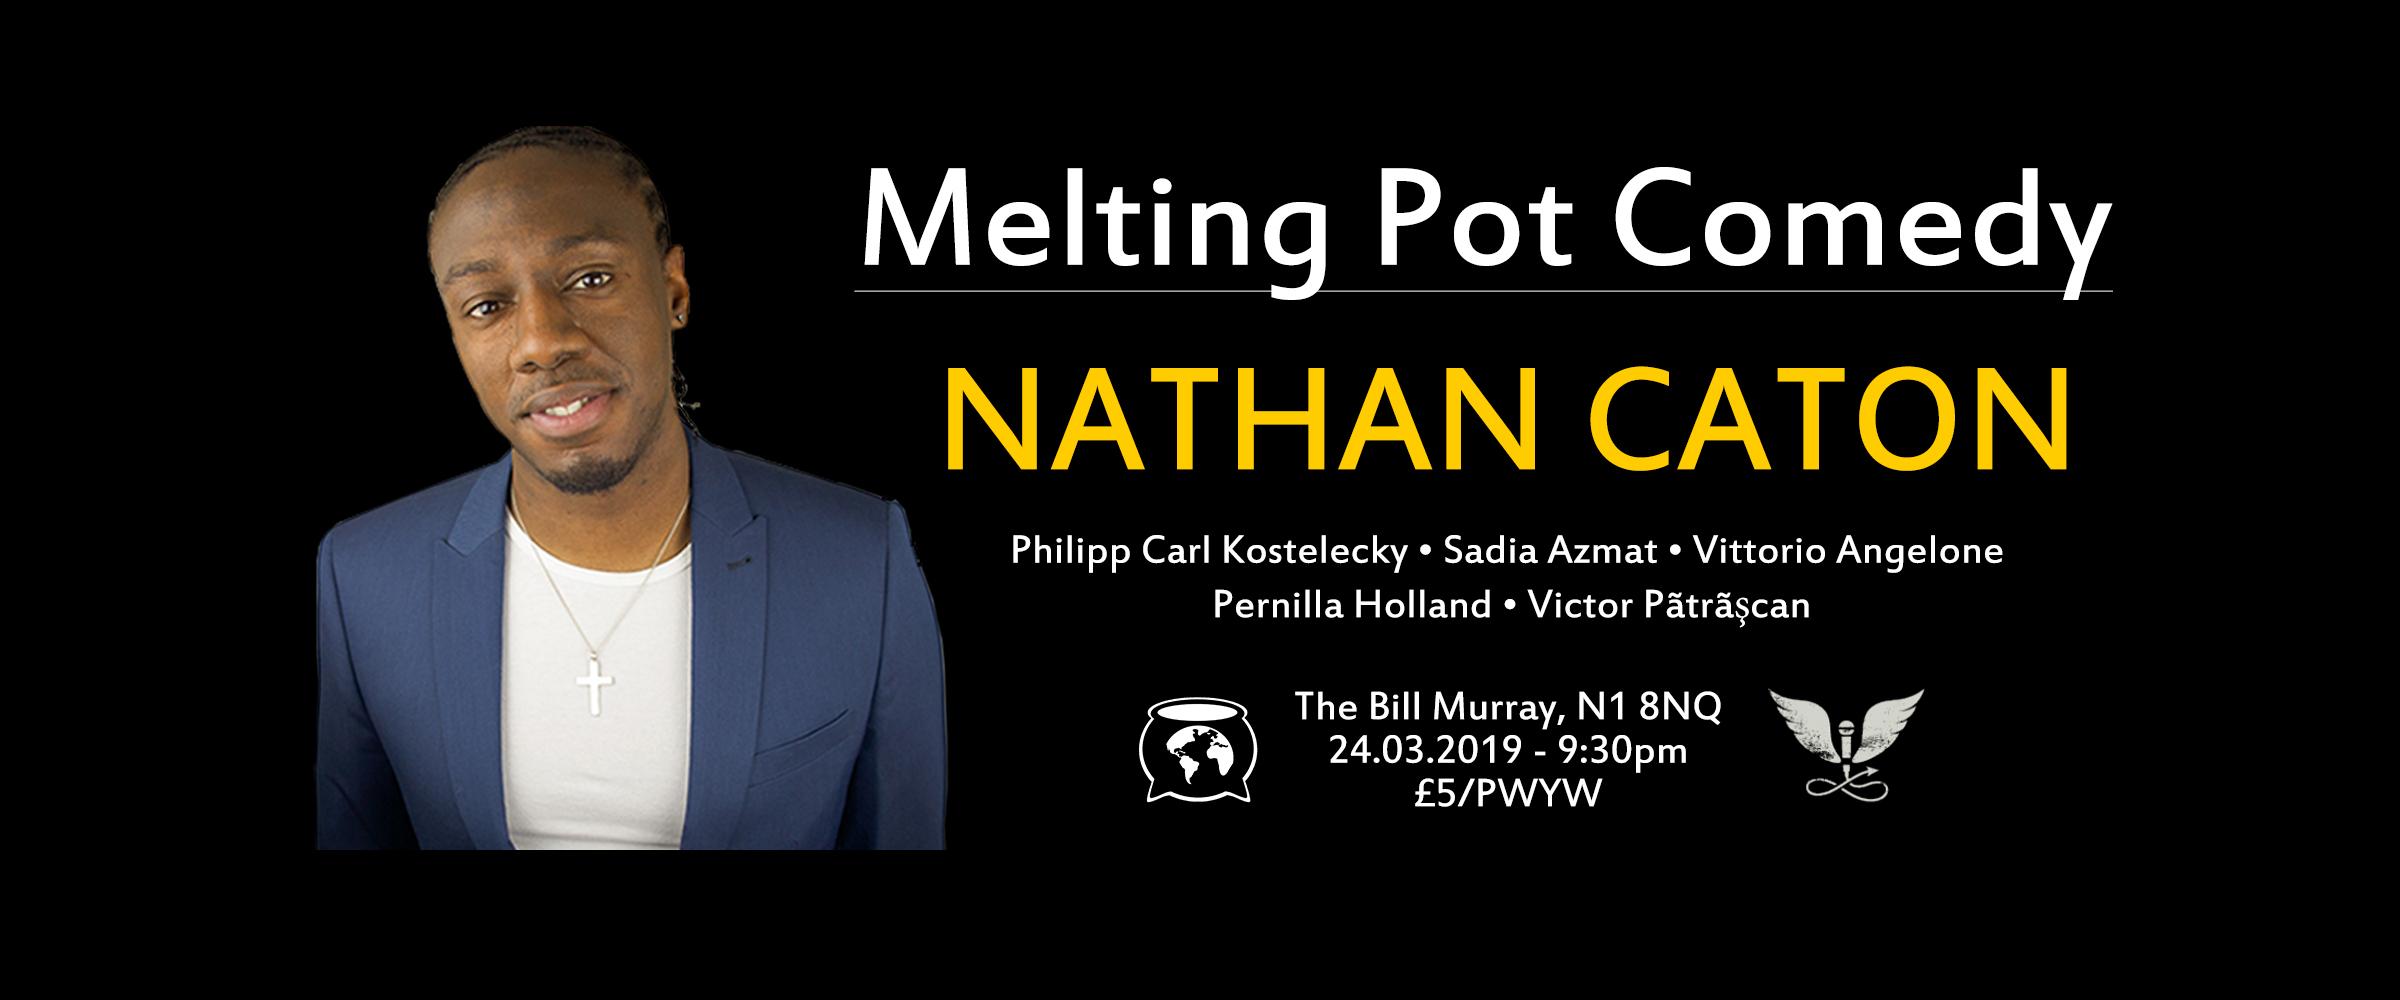 Melting pot comedy facebook cover photo